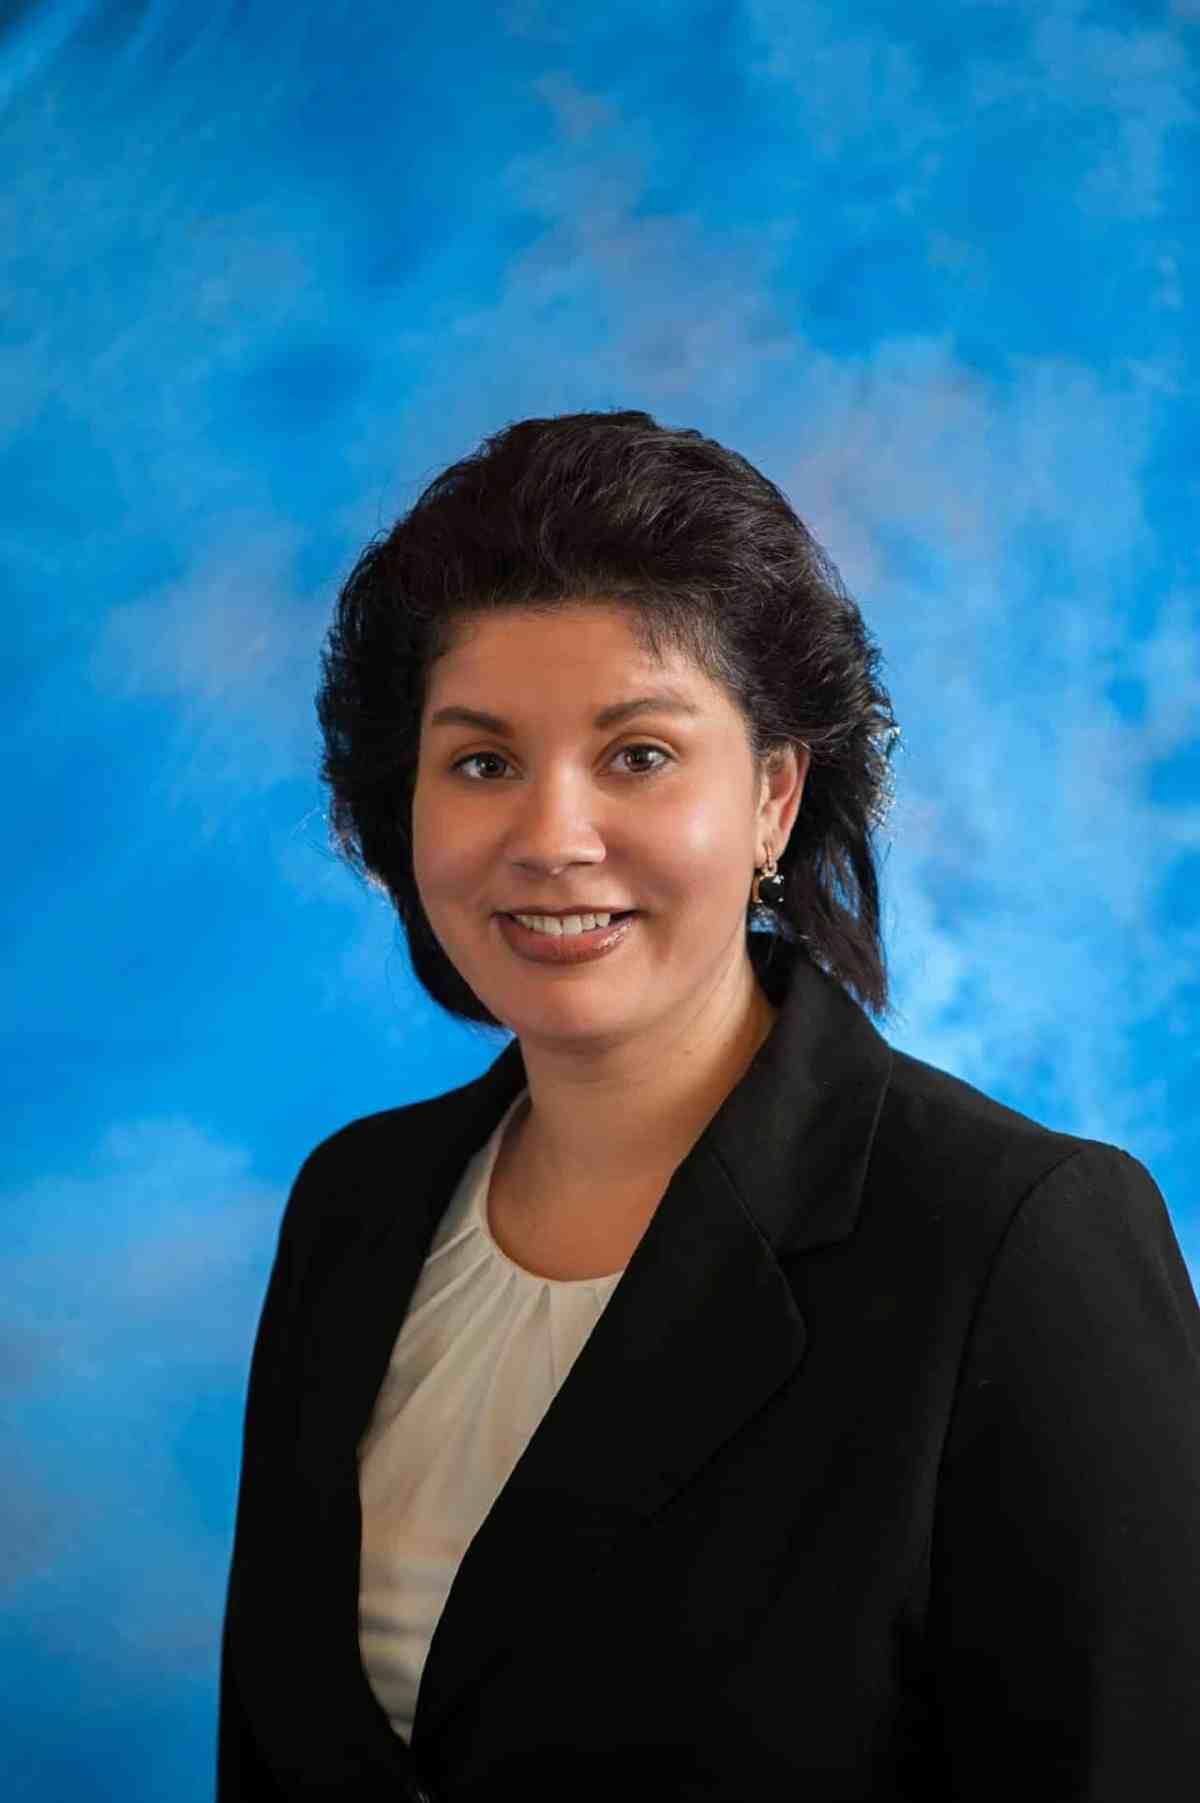 Social worker Trudy Hunter running for mayor of Birmingham